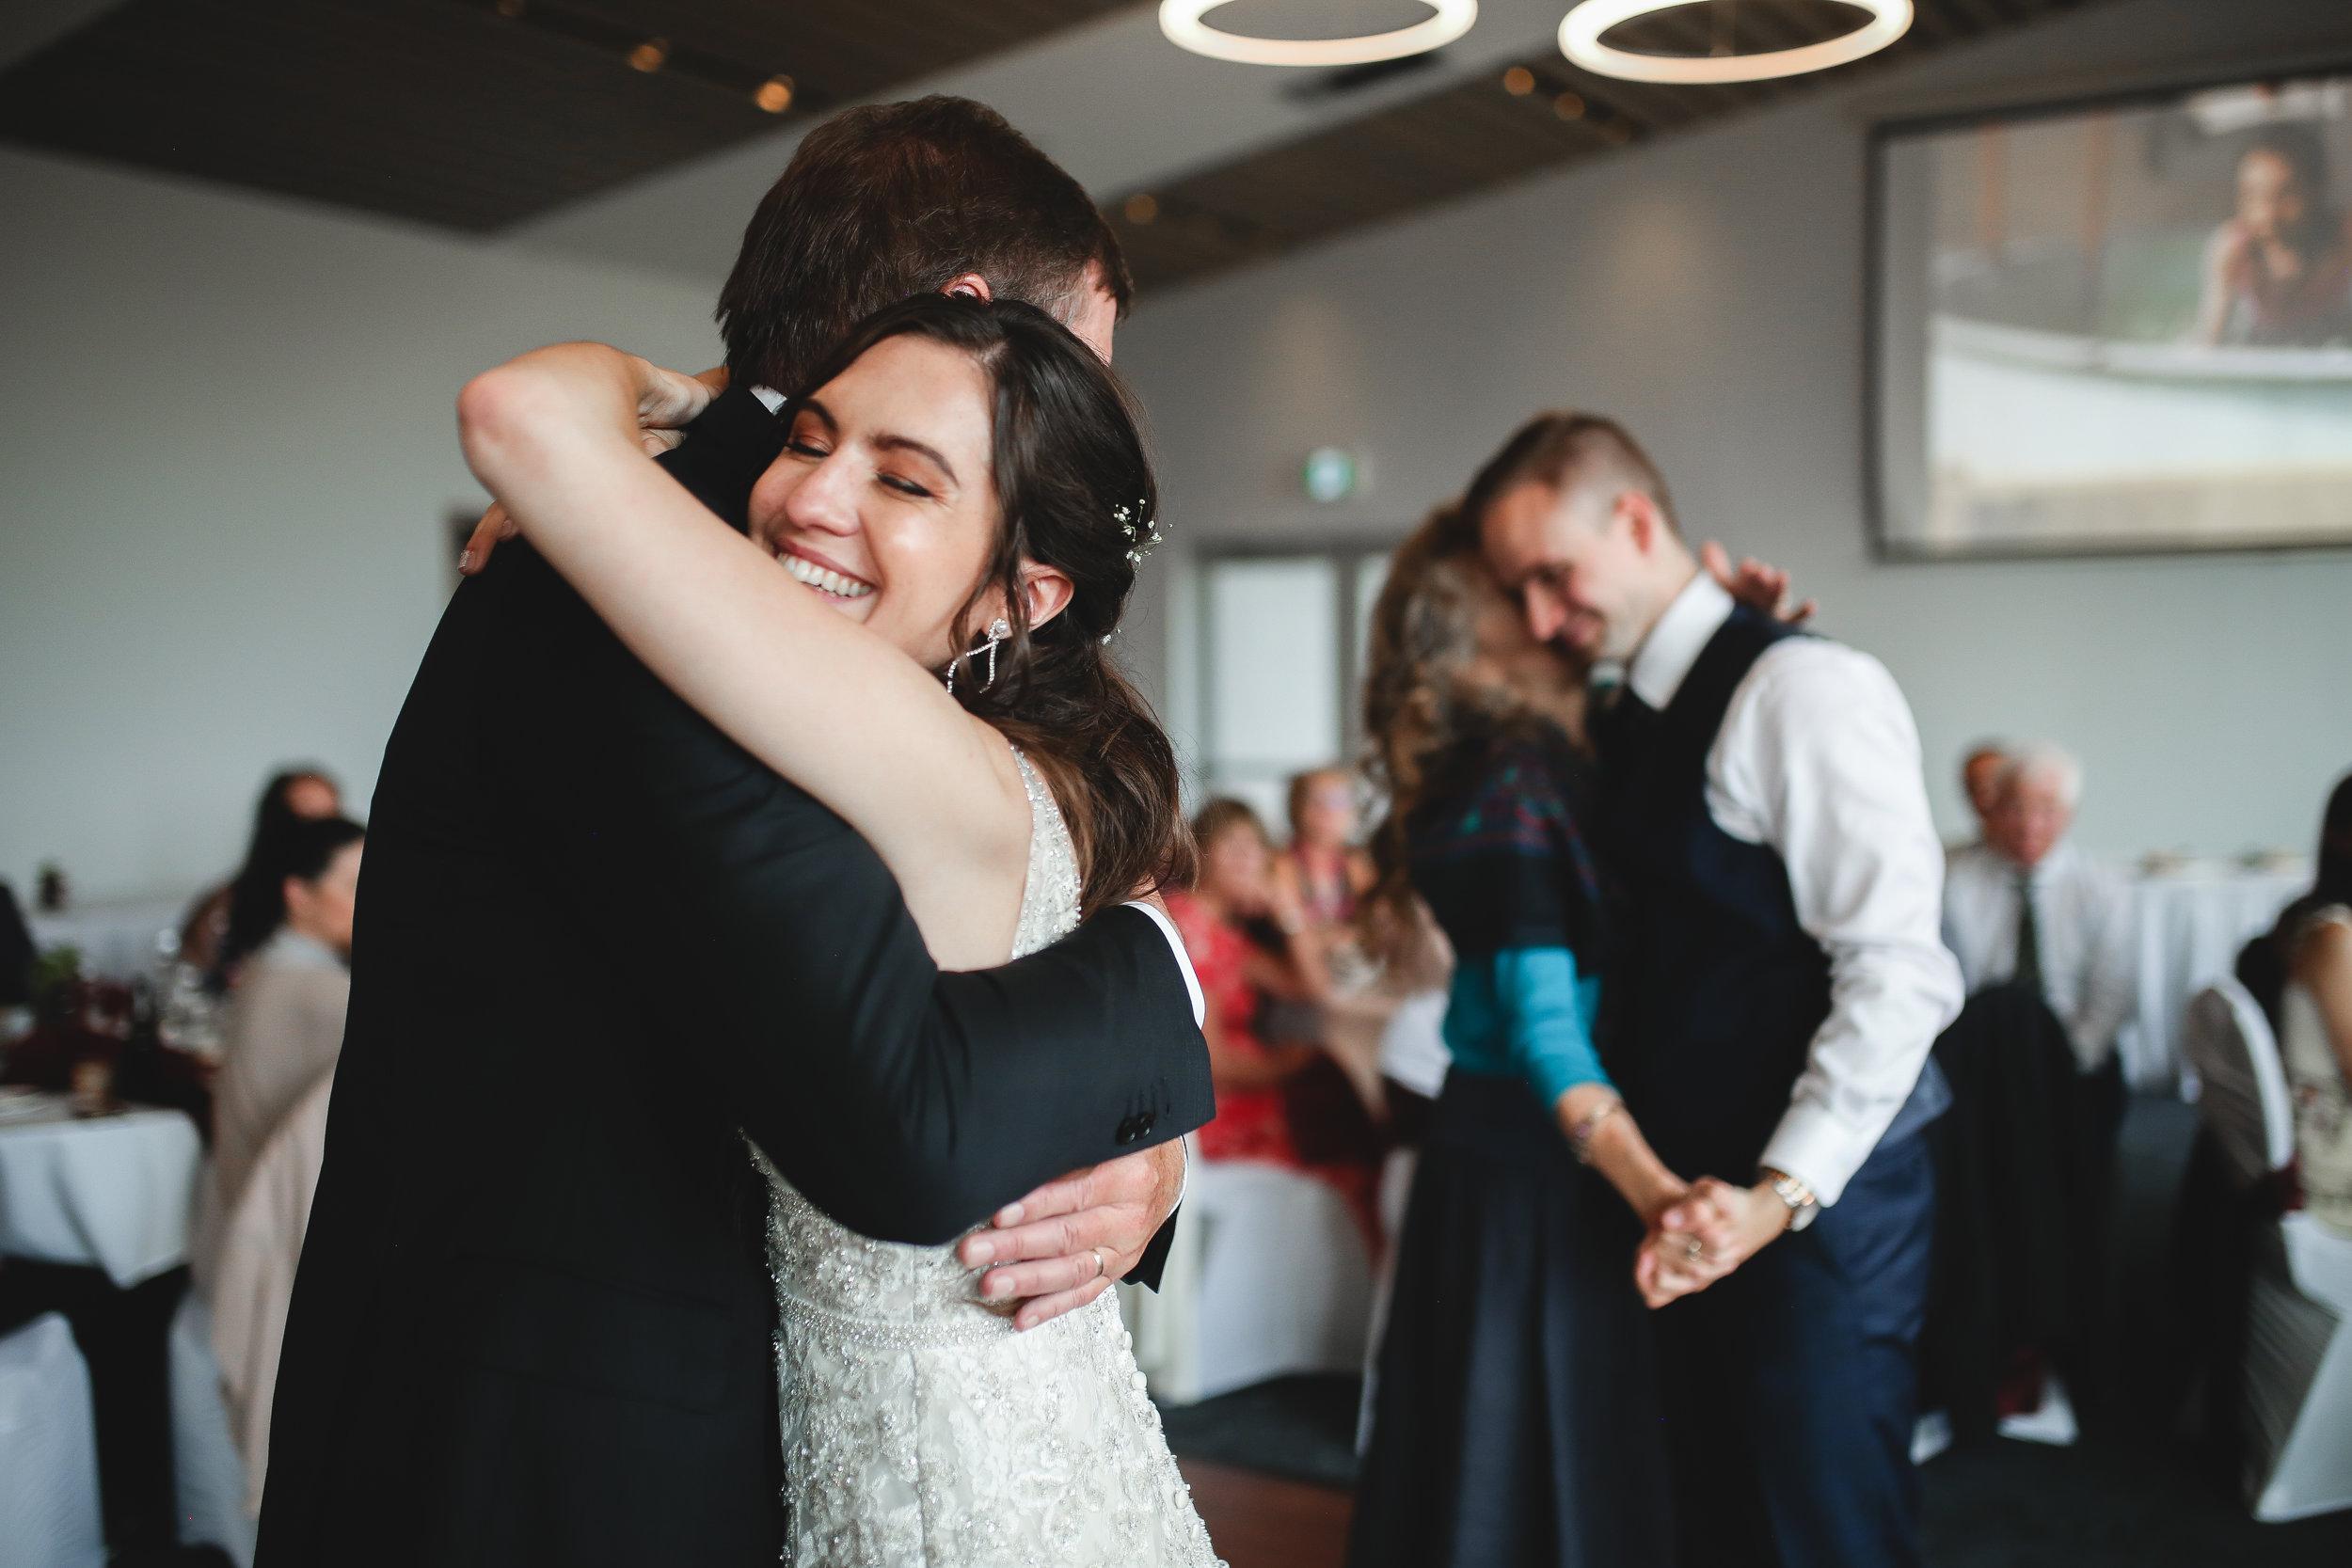 13 Adam Ziorio Photography - Allison & Austin's Wedding.jpg